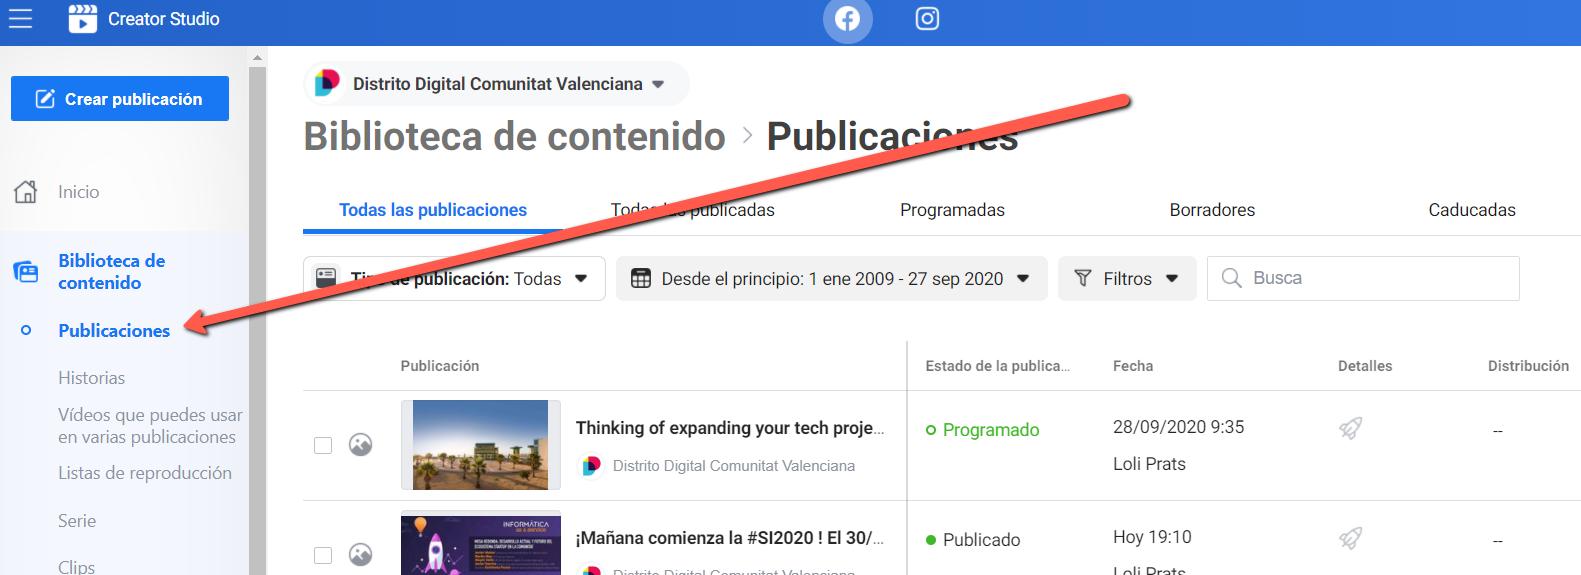 CreatoCreator Studio búsqueda publicaciones por fechar Studio busqueda publicaciones por fecha